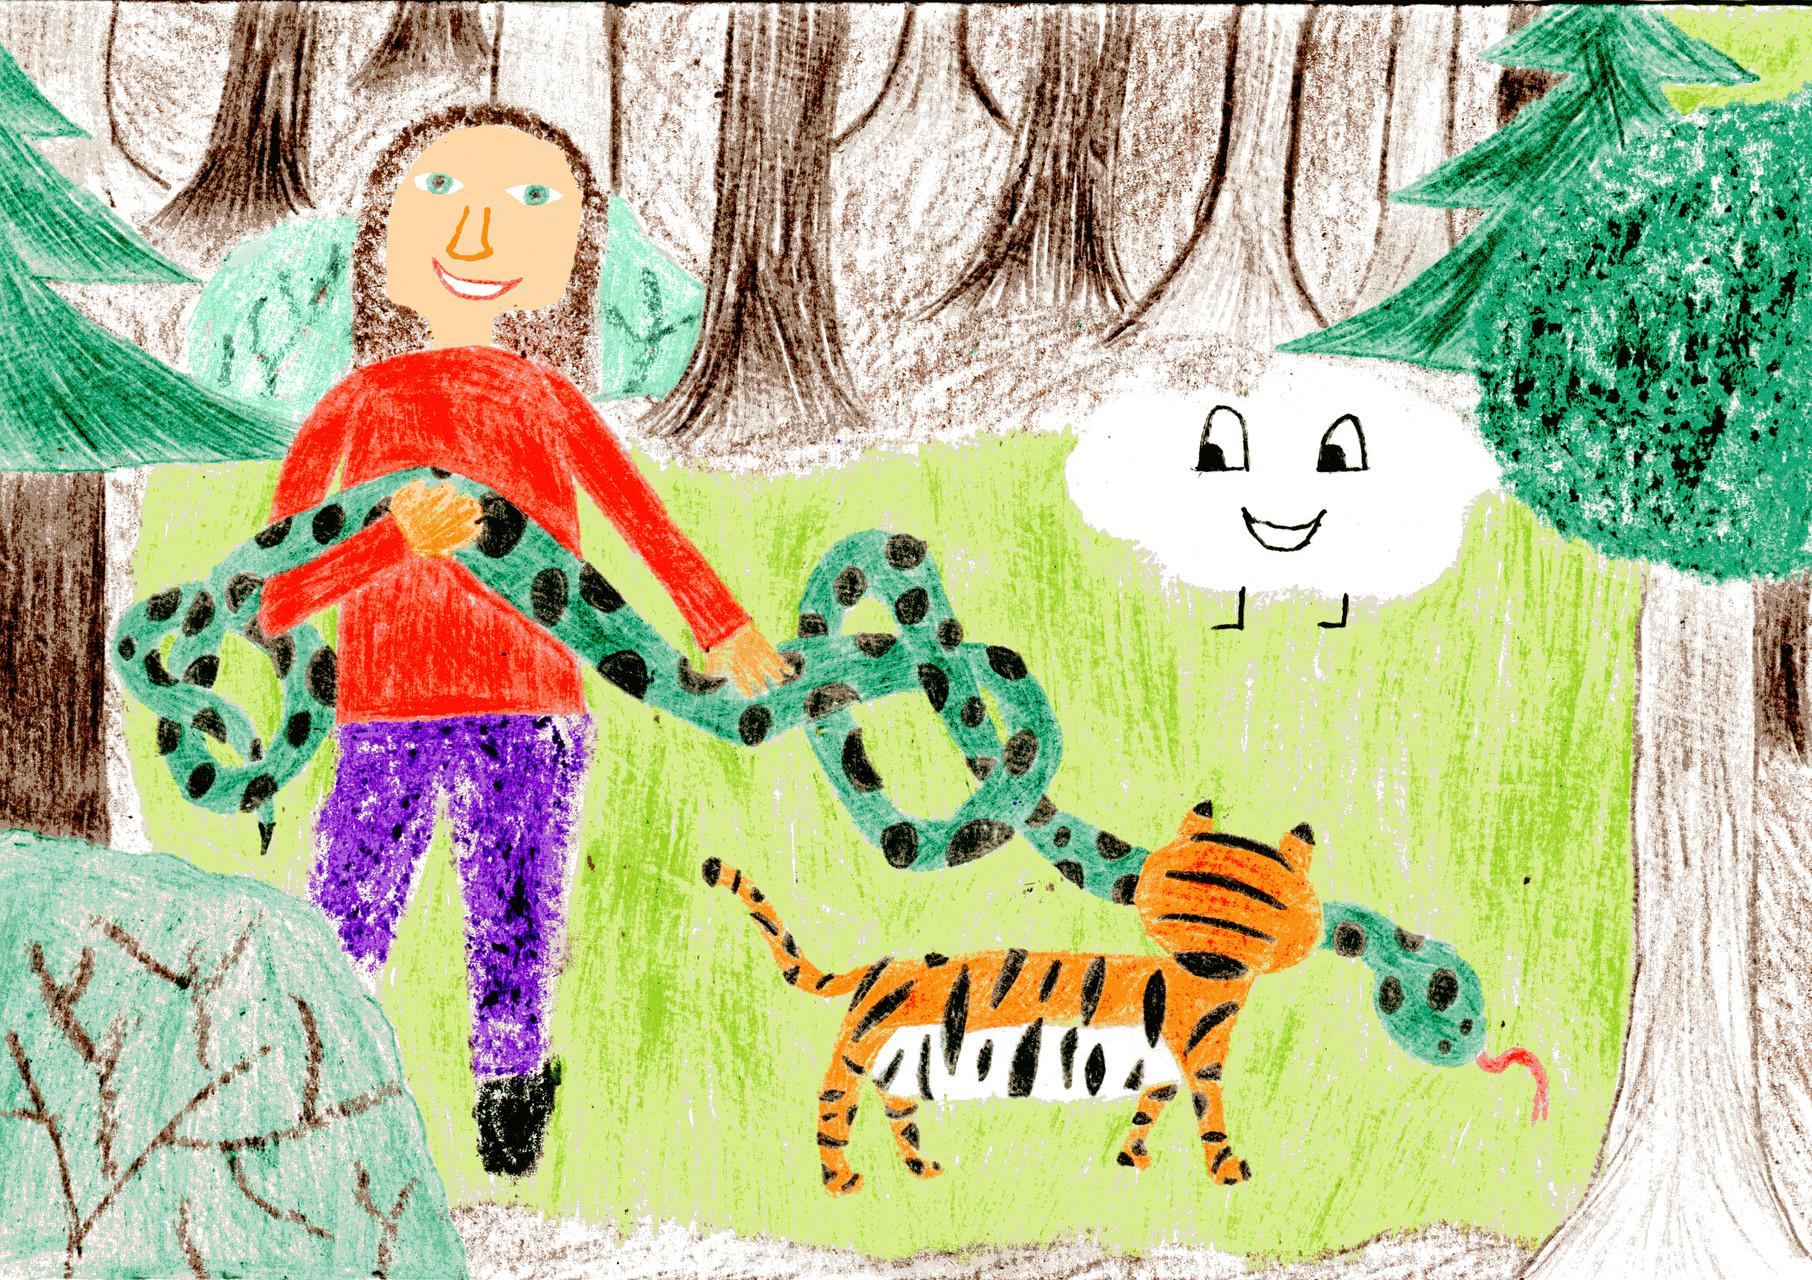 Dorothea und der Tiger entknoten die Riesenschlange